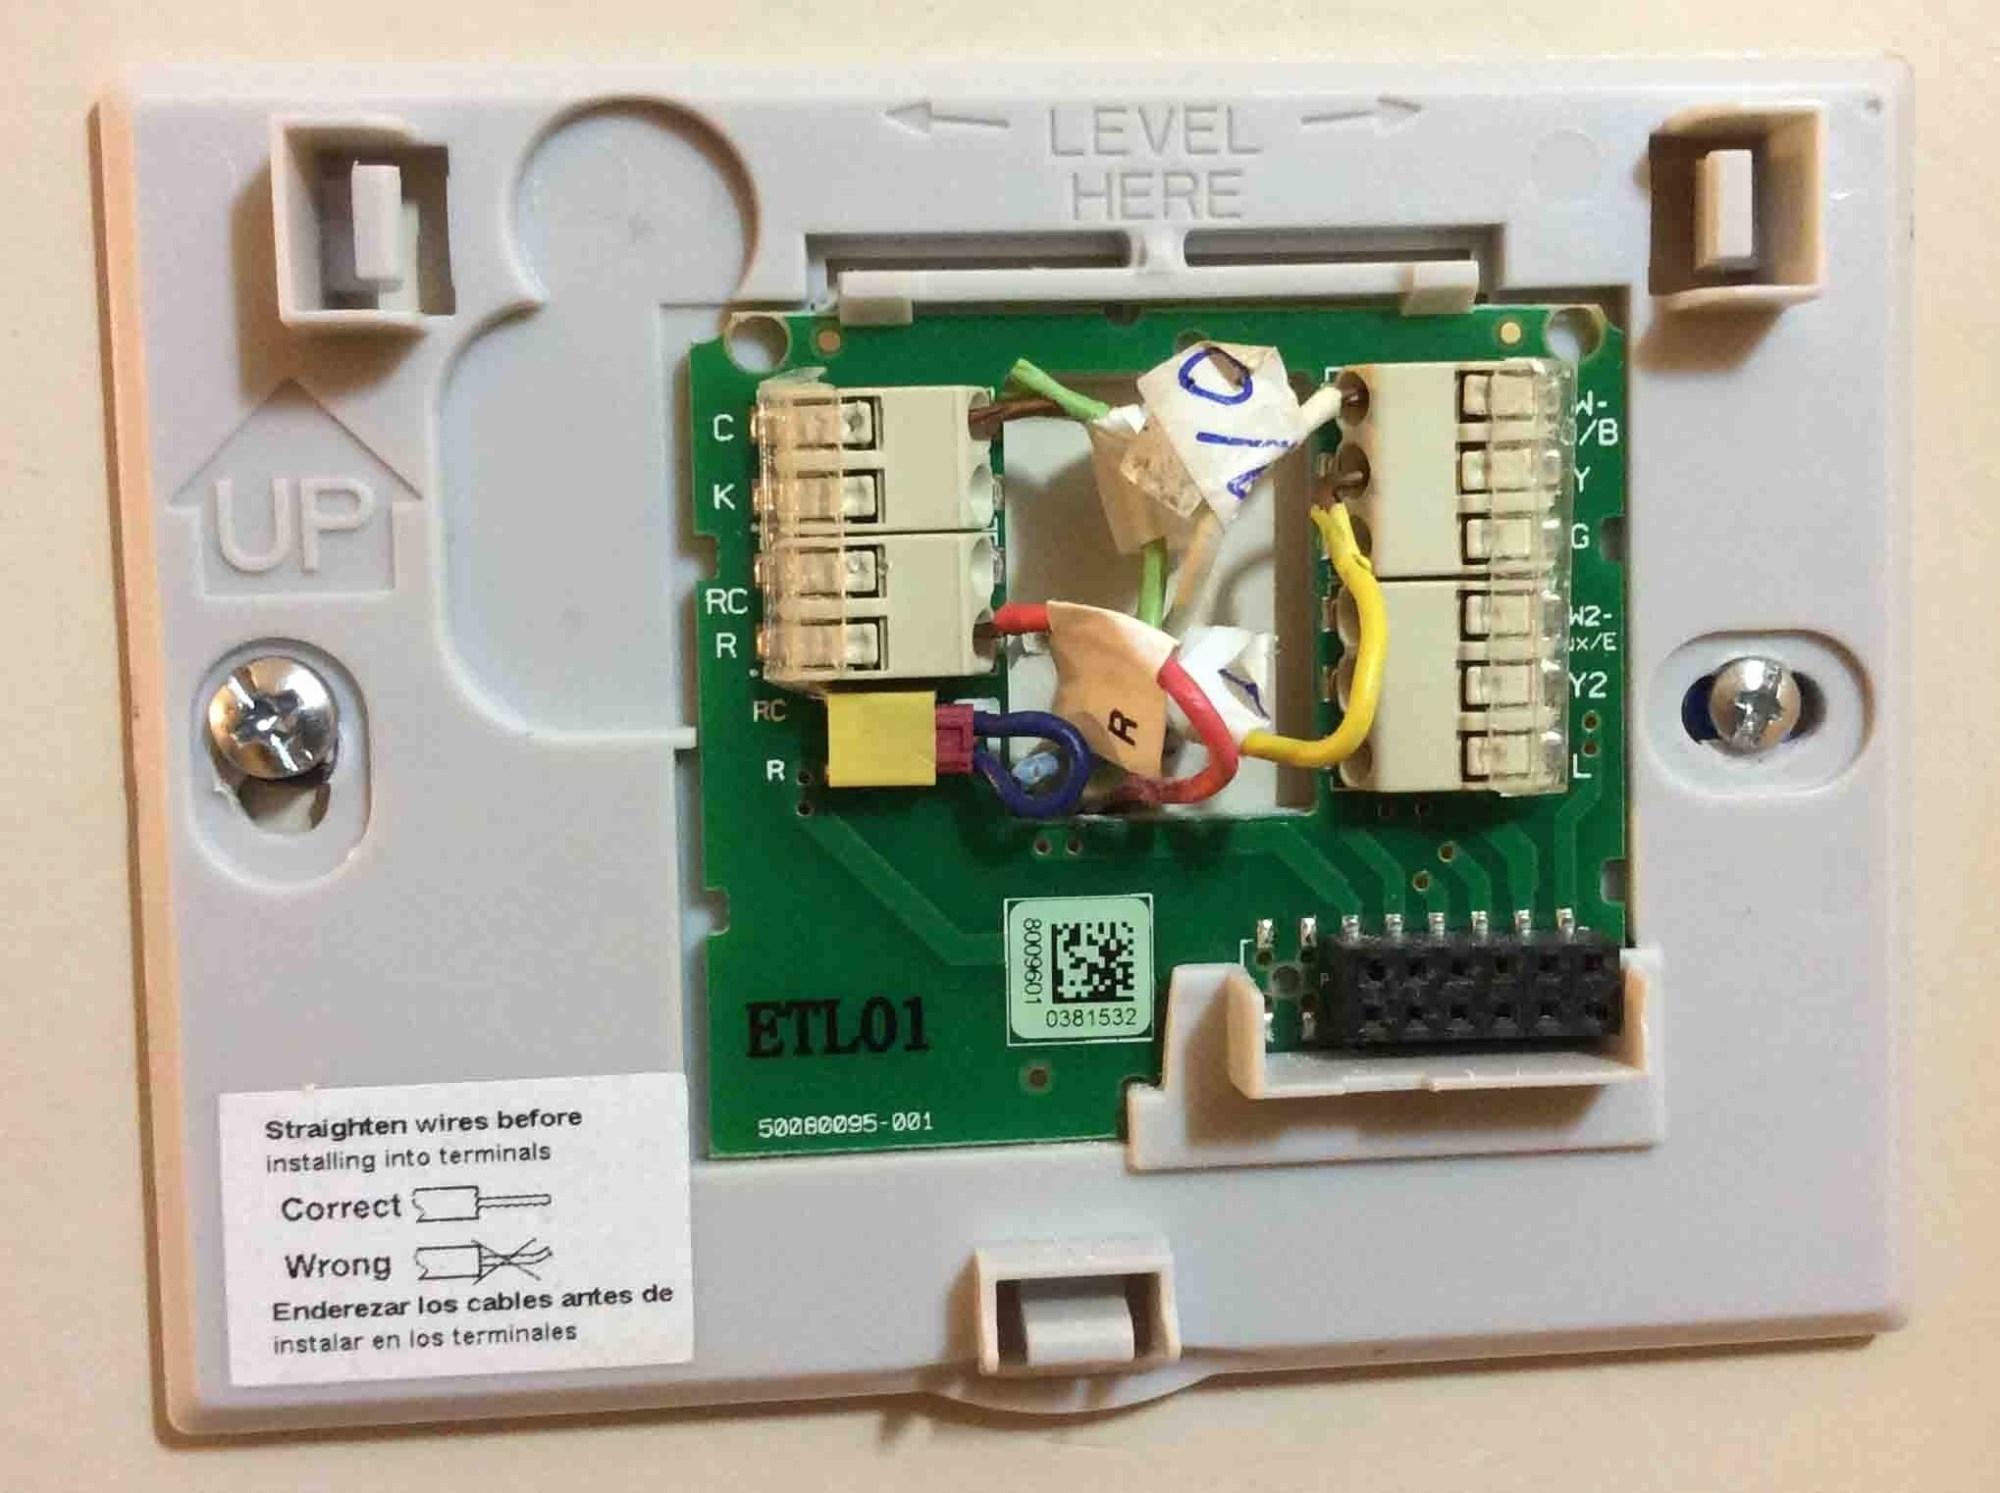 hight resolution of honeywell 9000 thermostat wiring diagram free wiring diagramhoneywell 9000 thermostat wiring diagram honeywell 9000 thermostat wiring